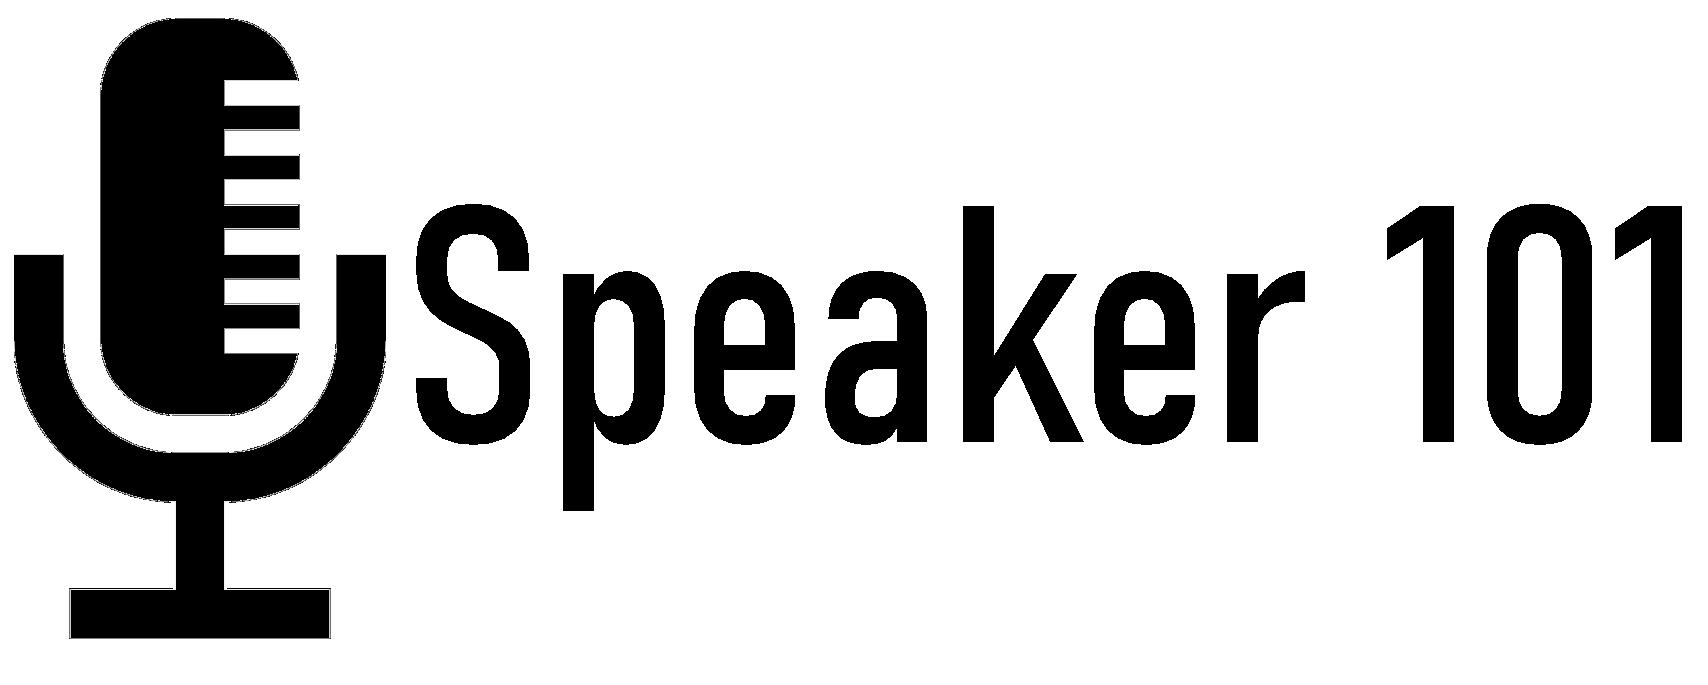 Logo Speaker101 black on white